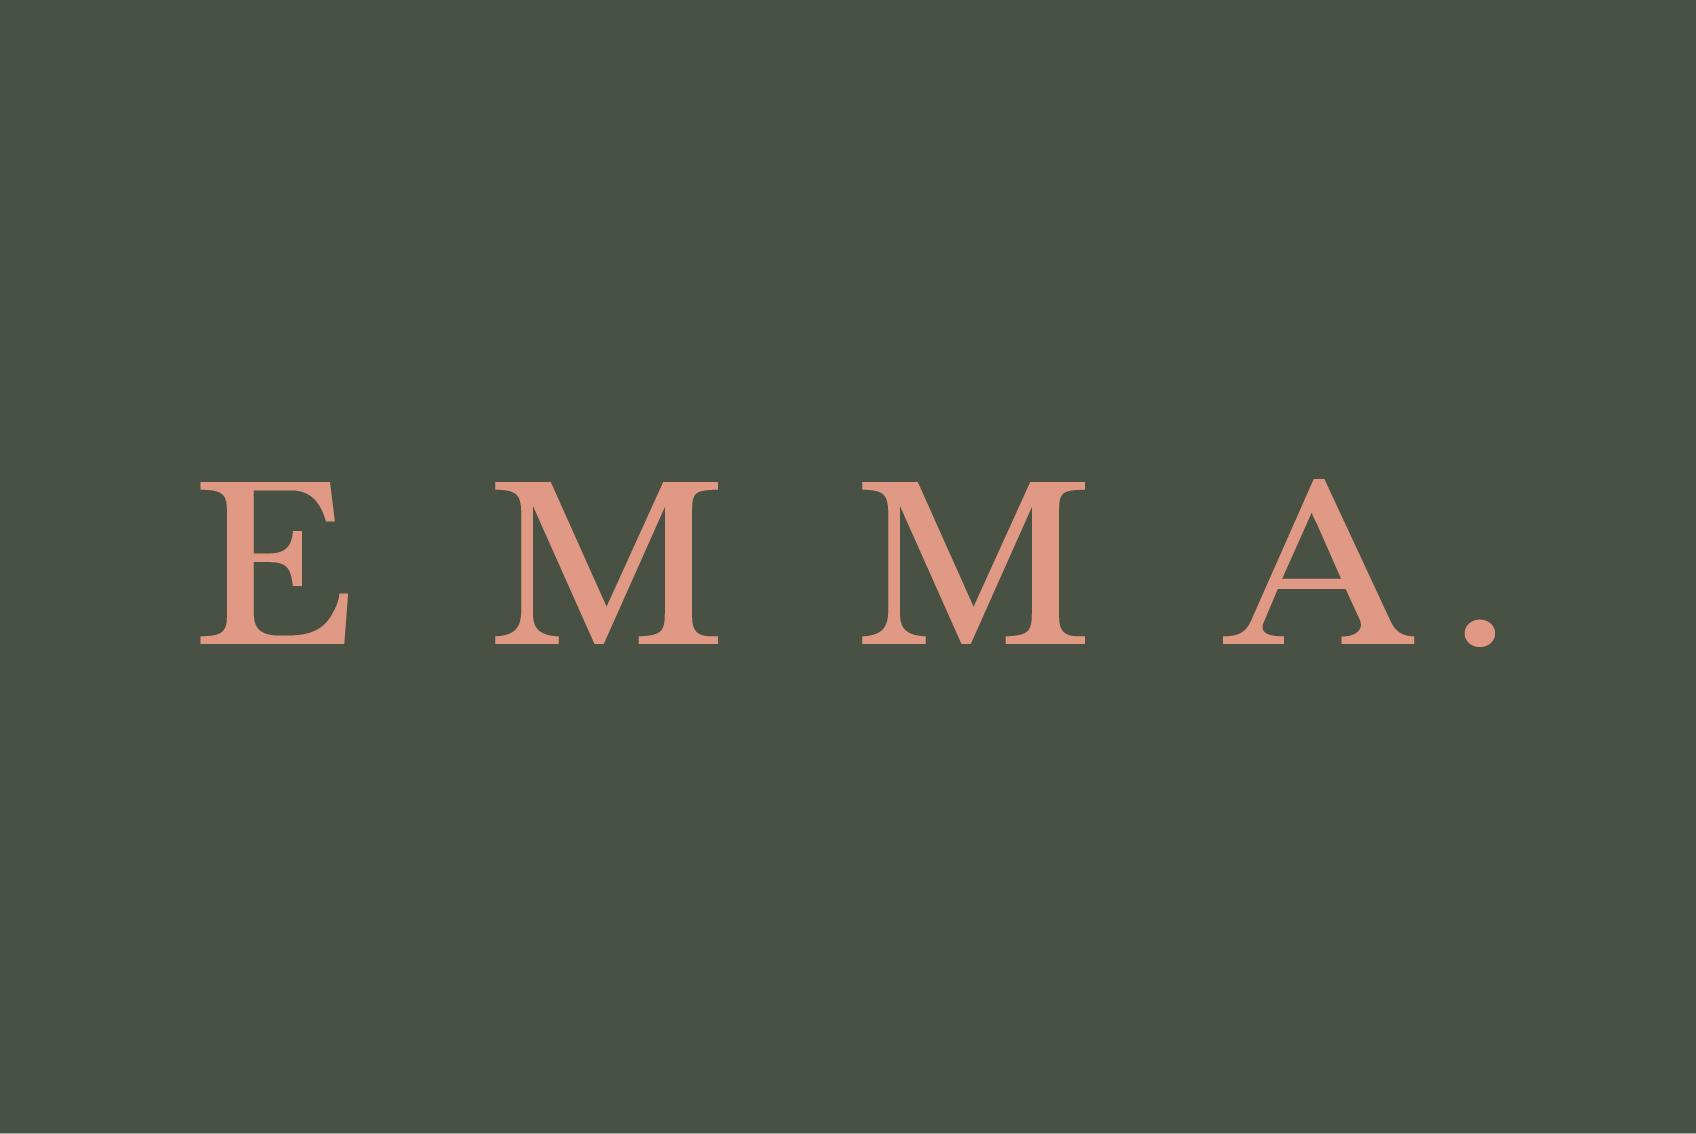 Emma Thumbnail 2